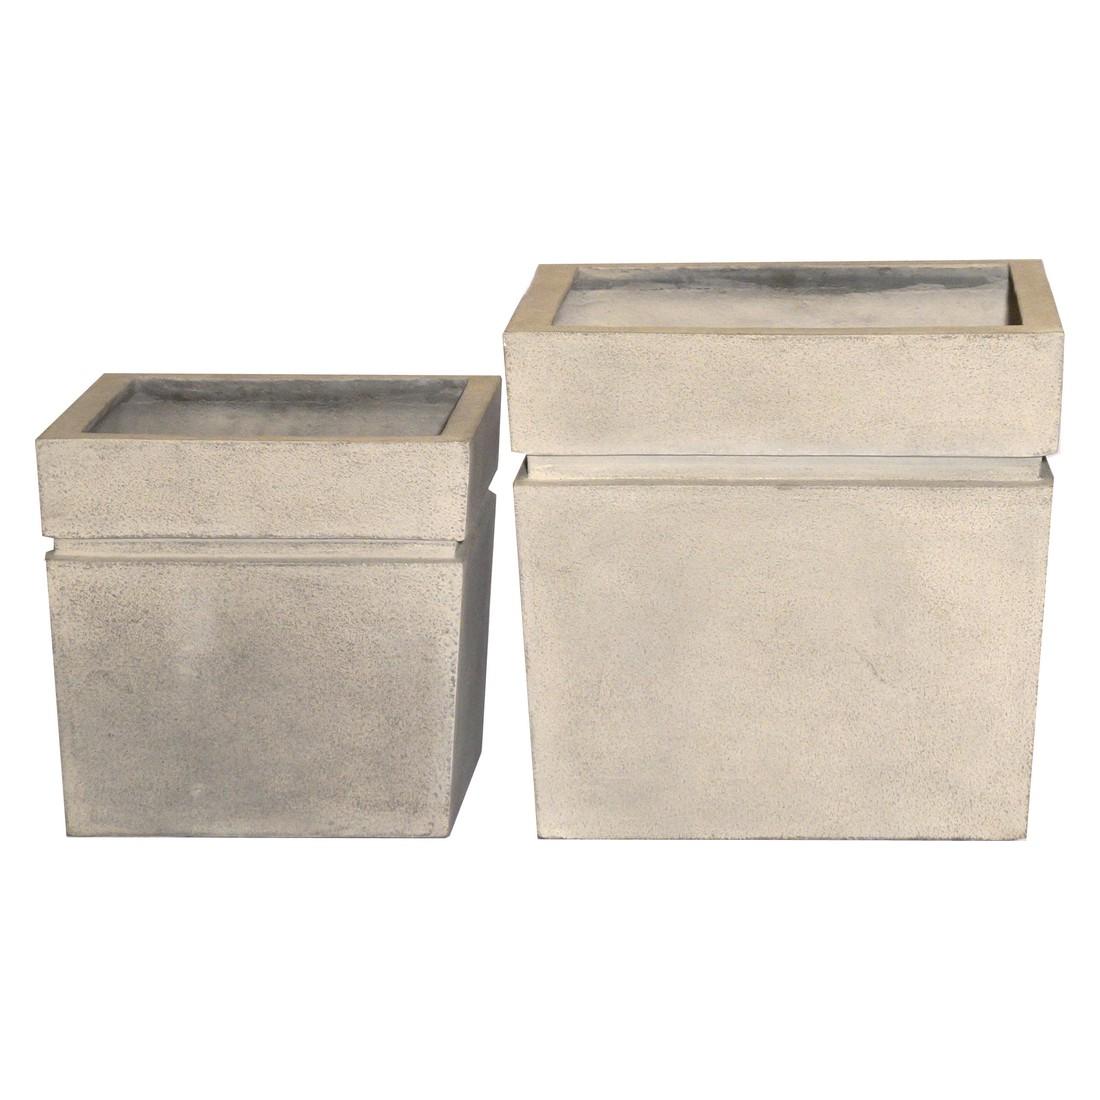 pflanzk bel cornish stone kunststoff modern eckig 56. Black Bedroom Furniture Sets. Home Design Ideas